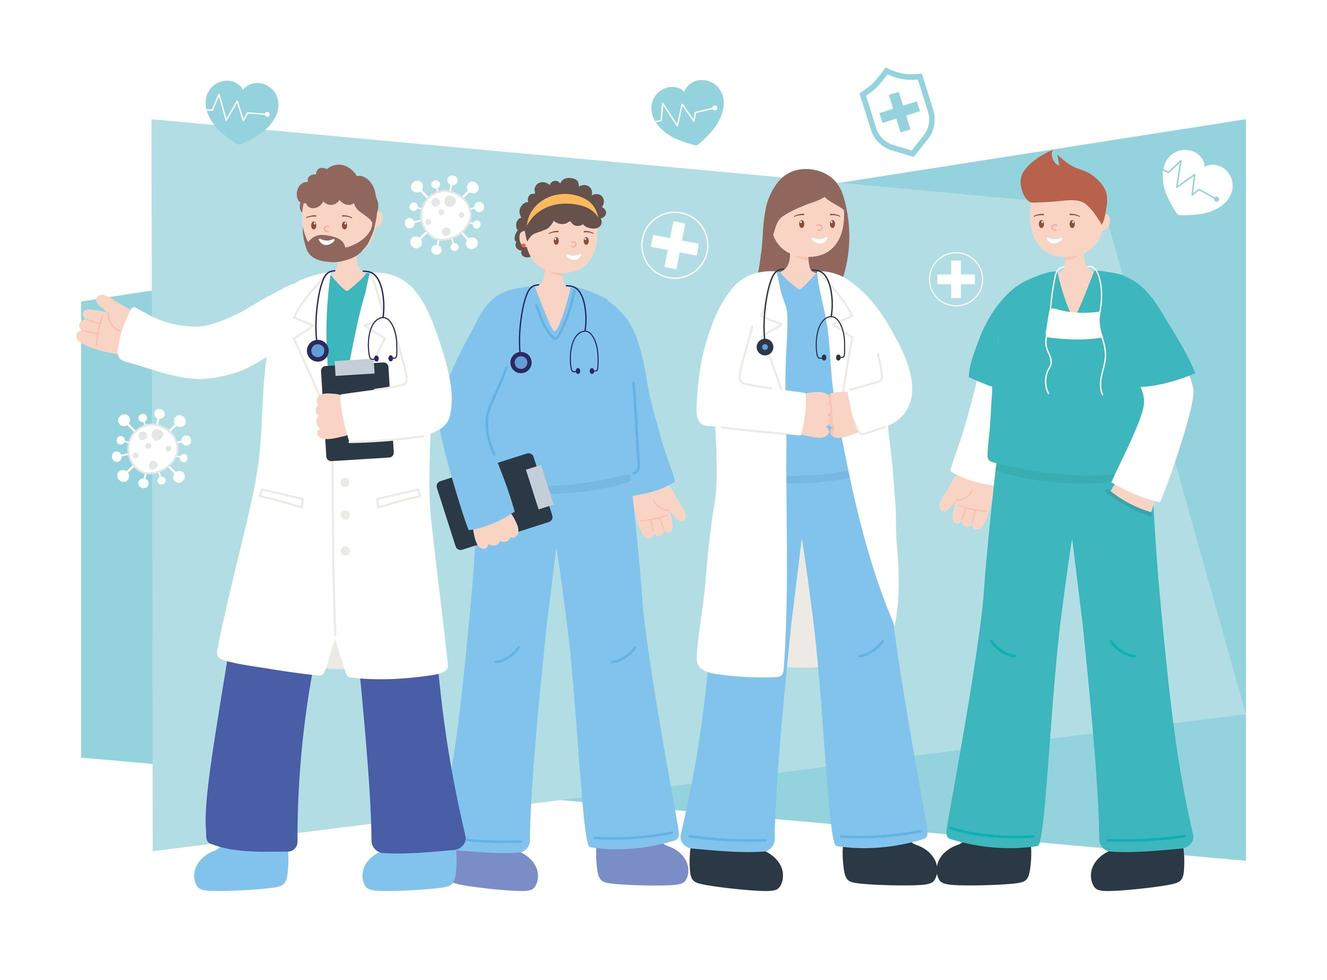 equipo de médicos profesionales y personal de enfermería vector